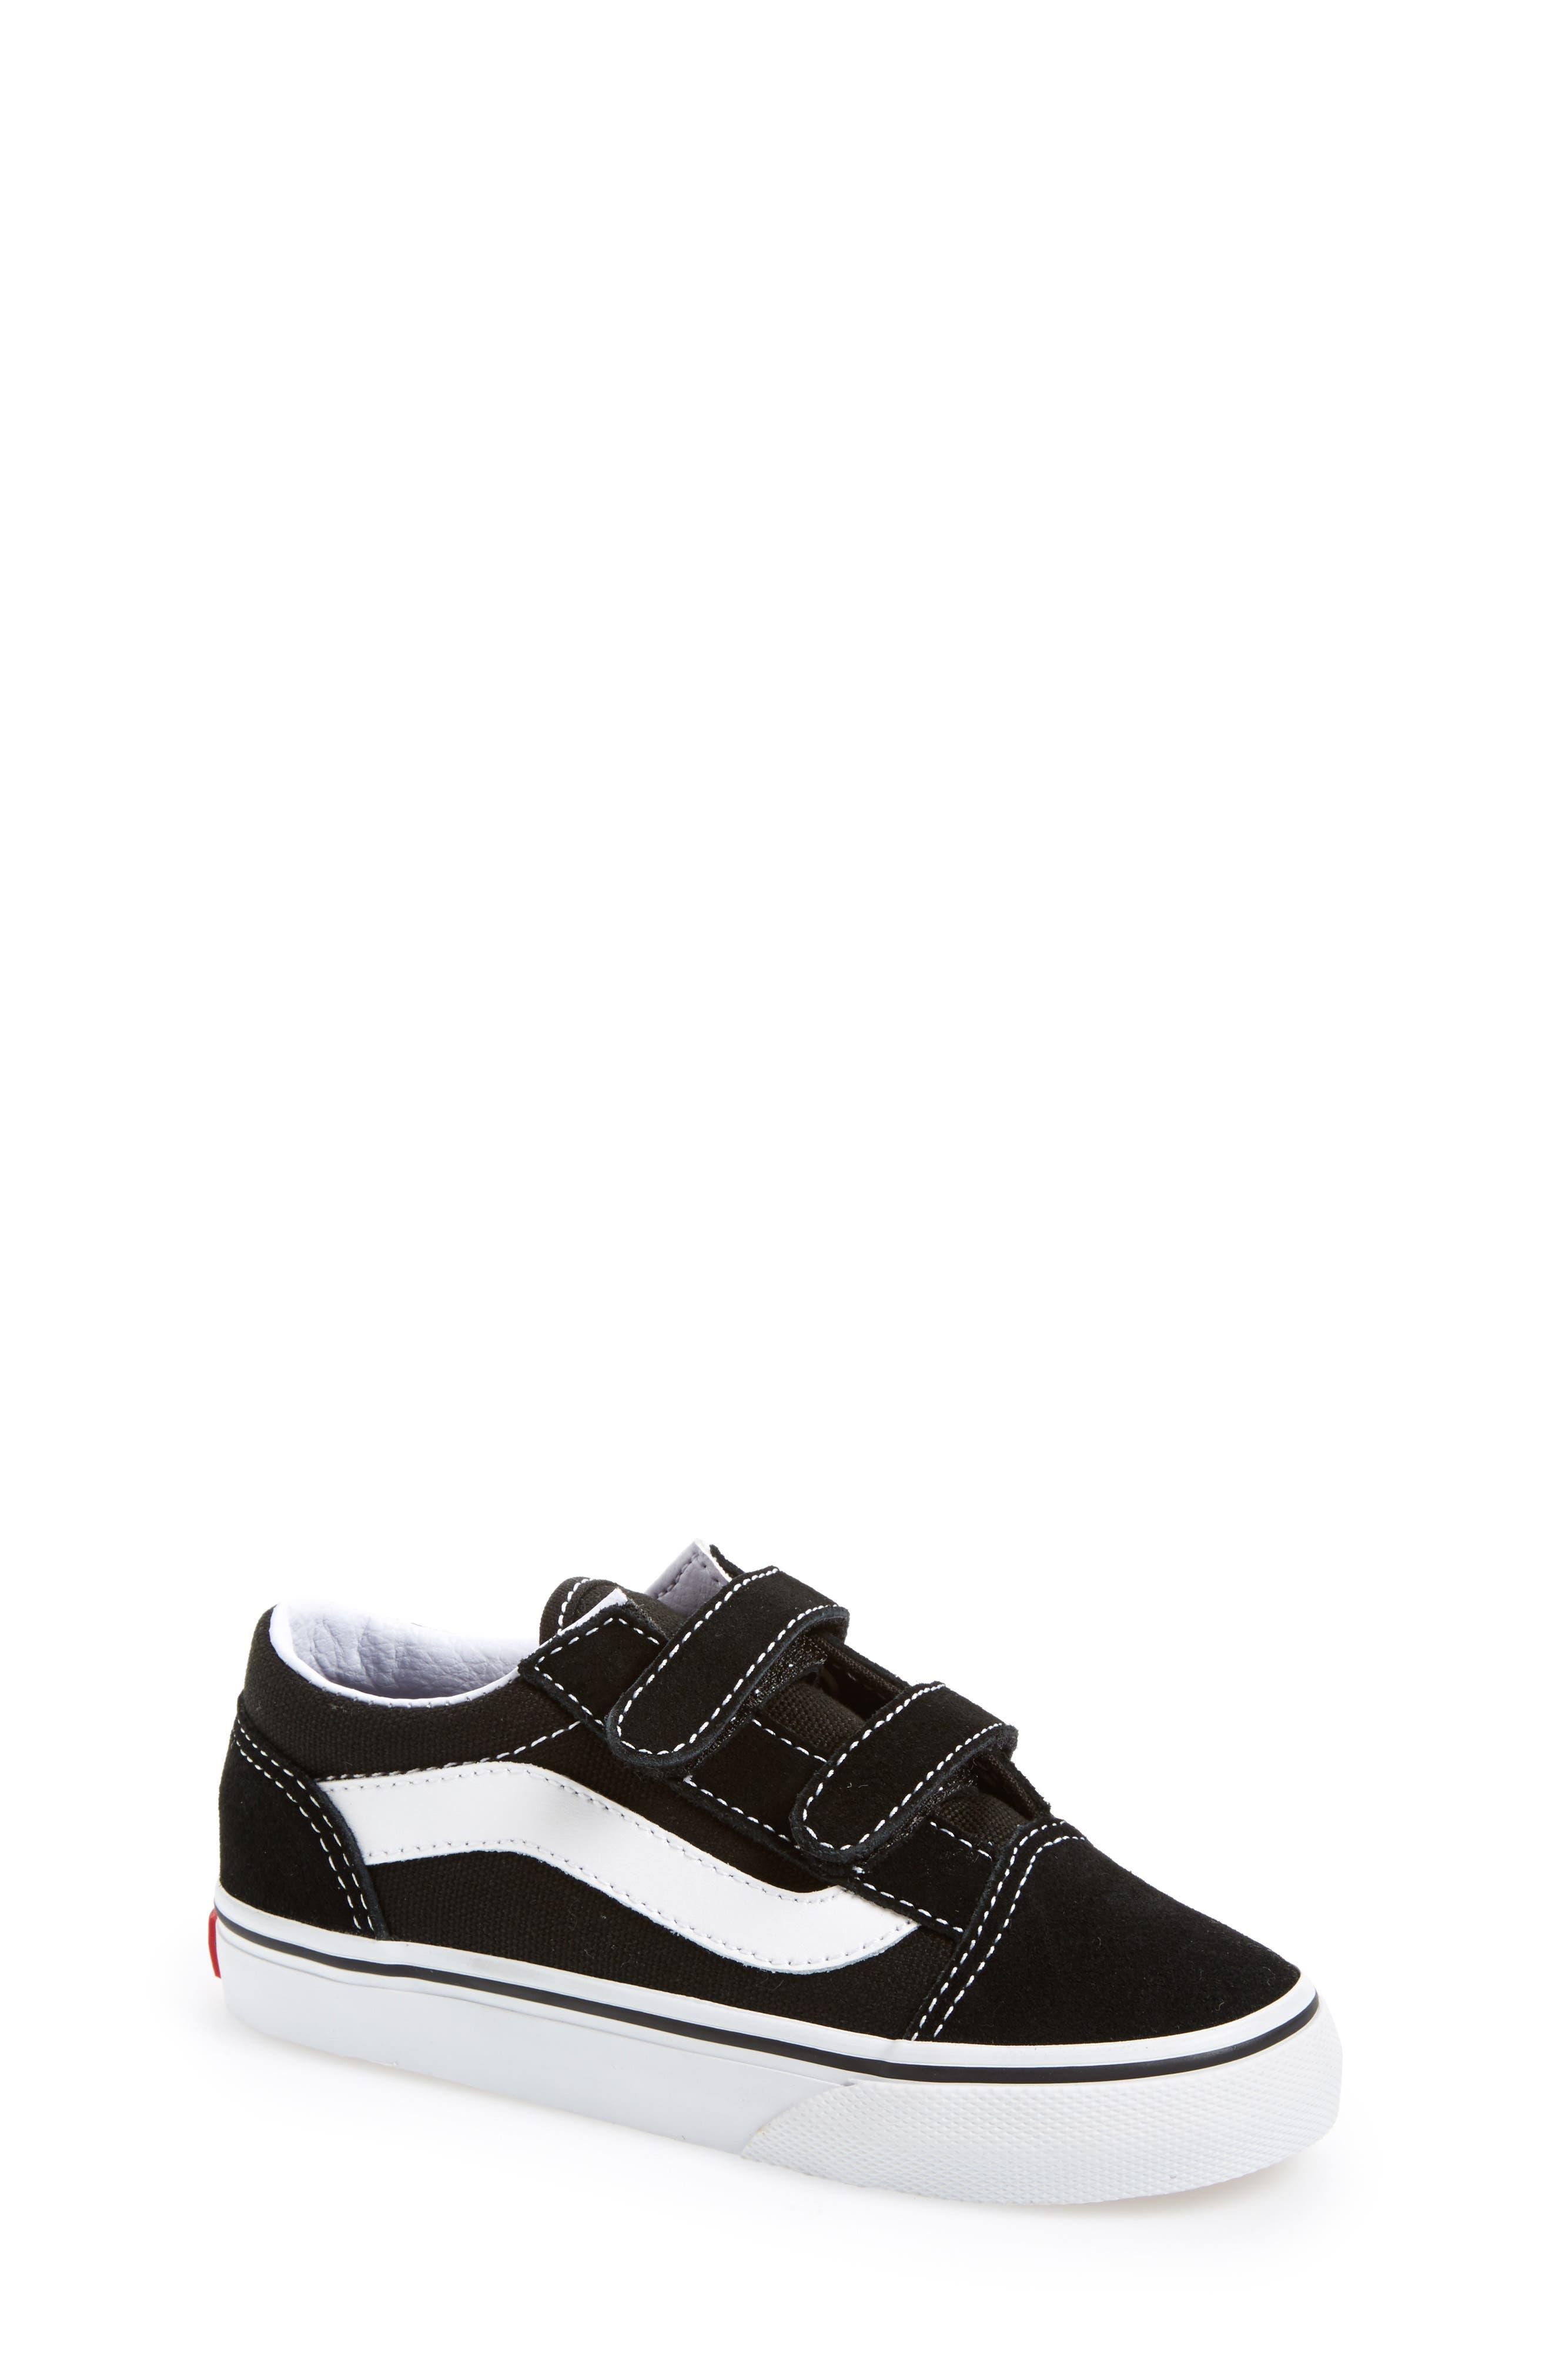 'Old Skool V' Sneaker,                         Main,                         color, Black/ True White